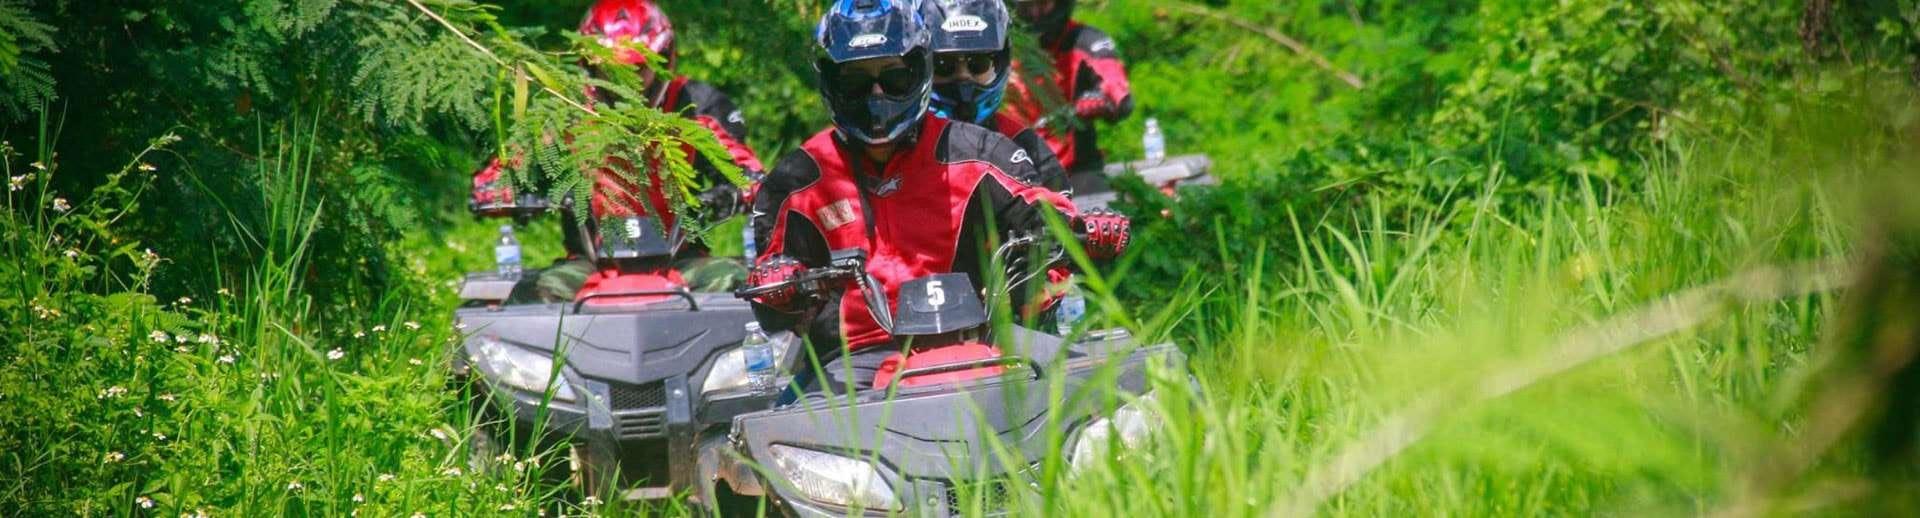 quad biking tour chiang mai